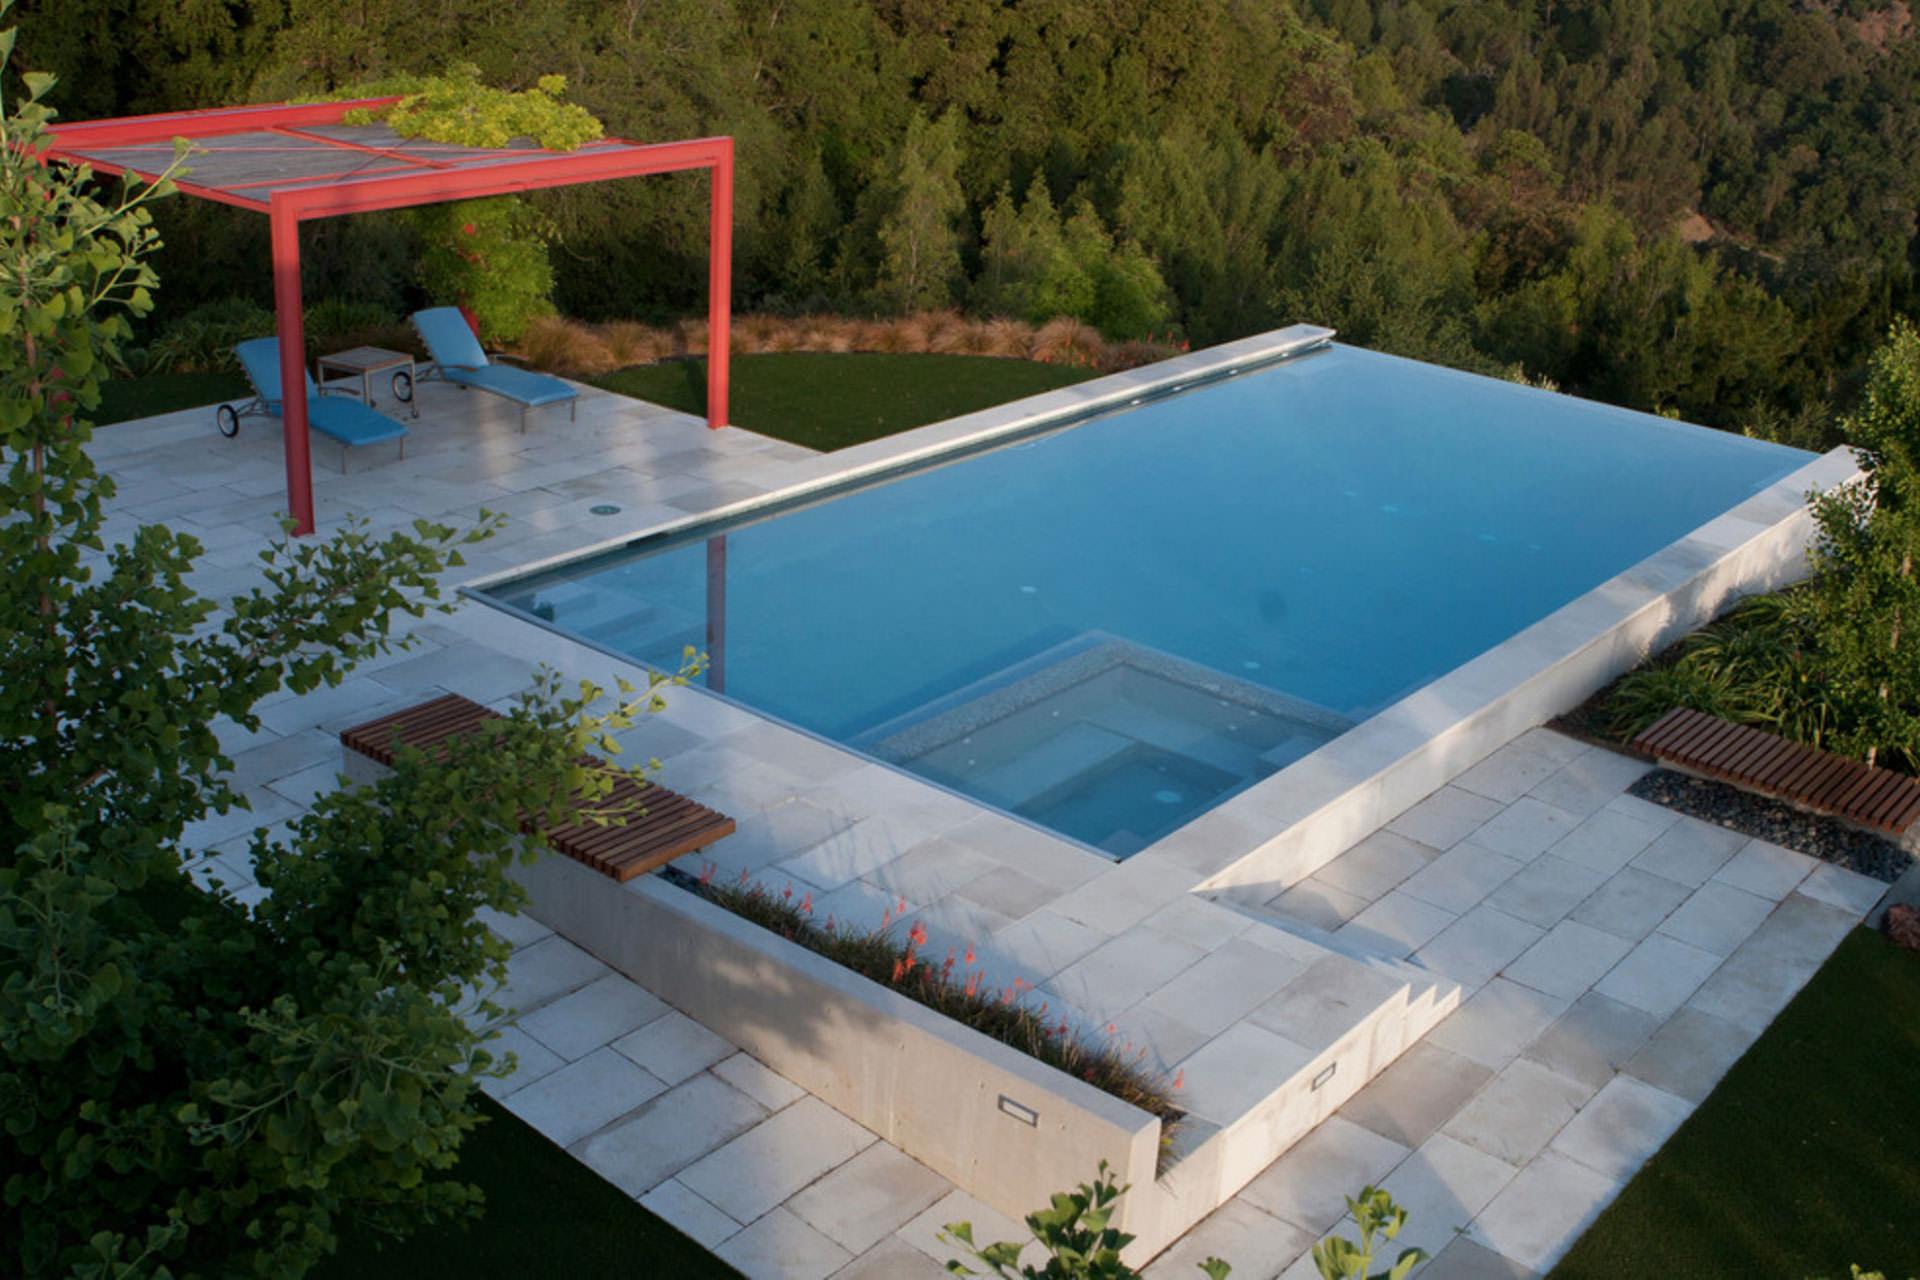 Design Focus Int'l Landscape Architecture & Build